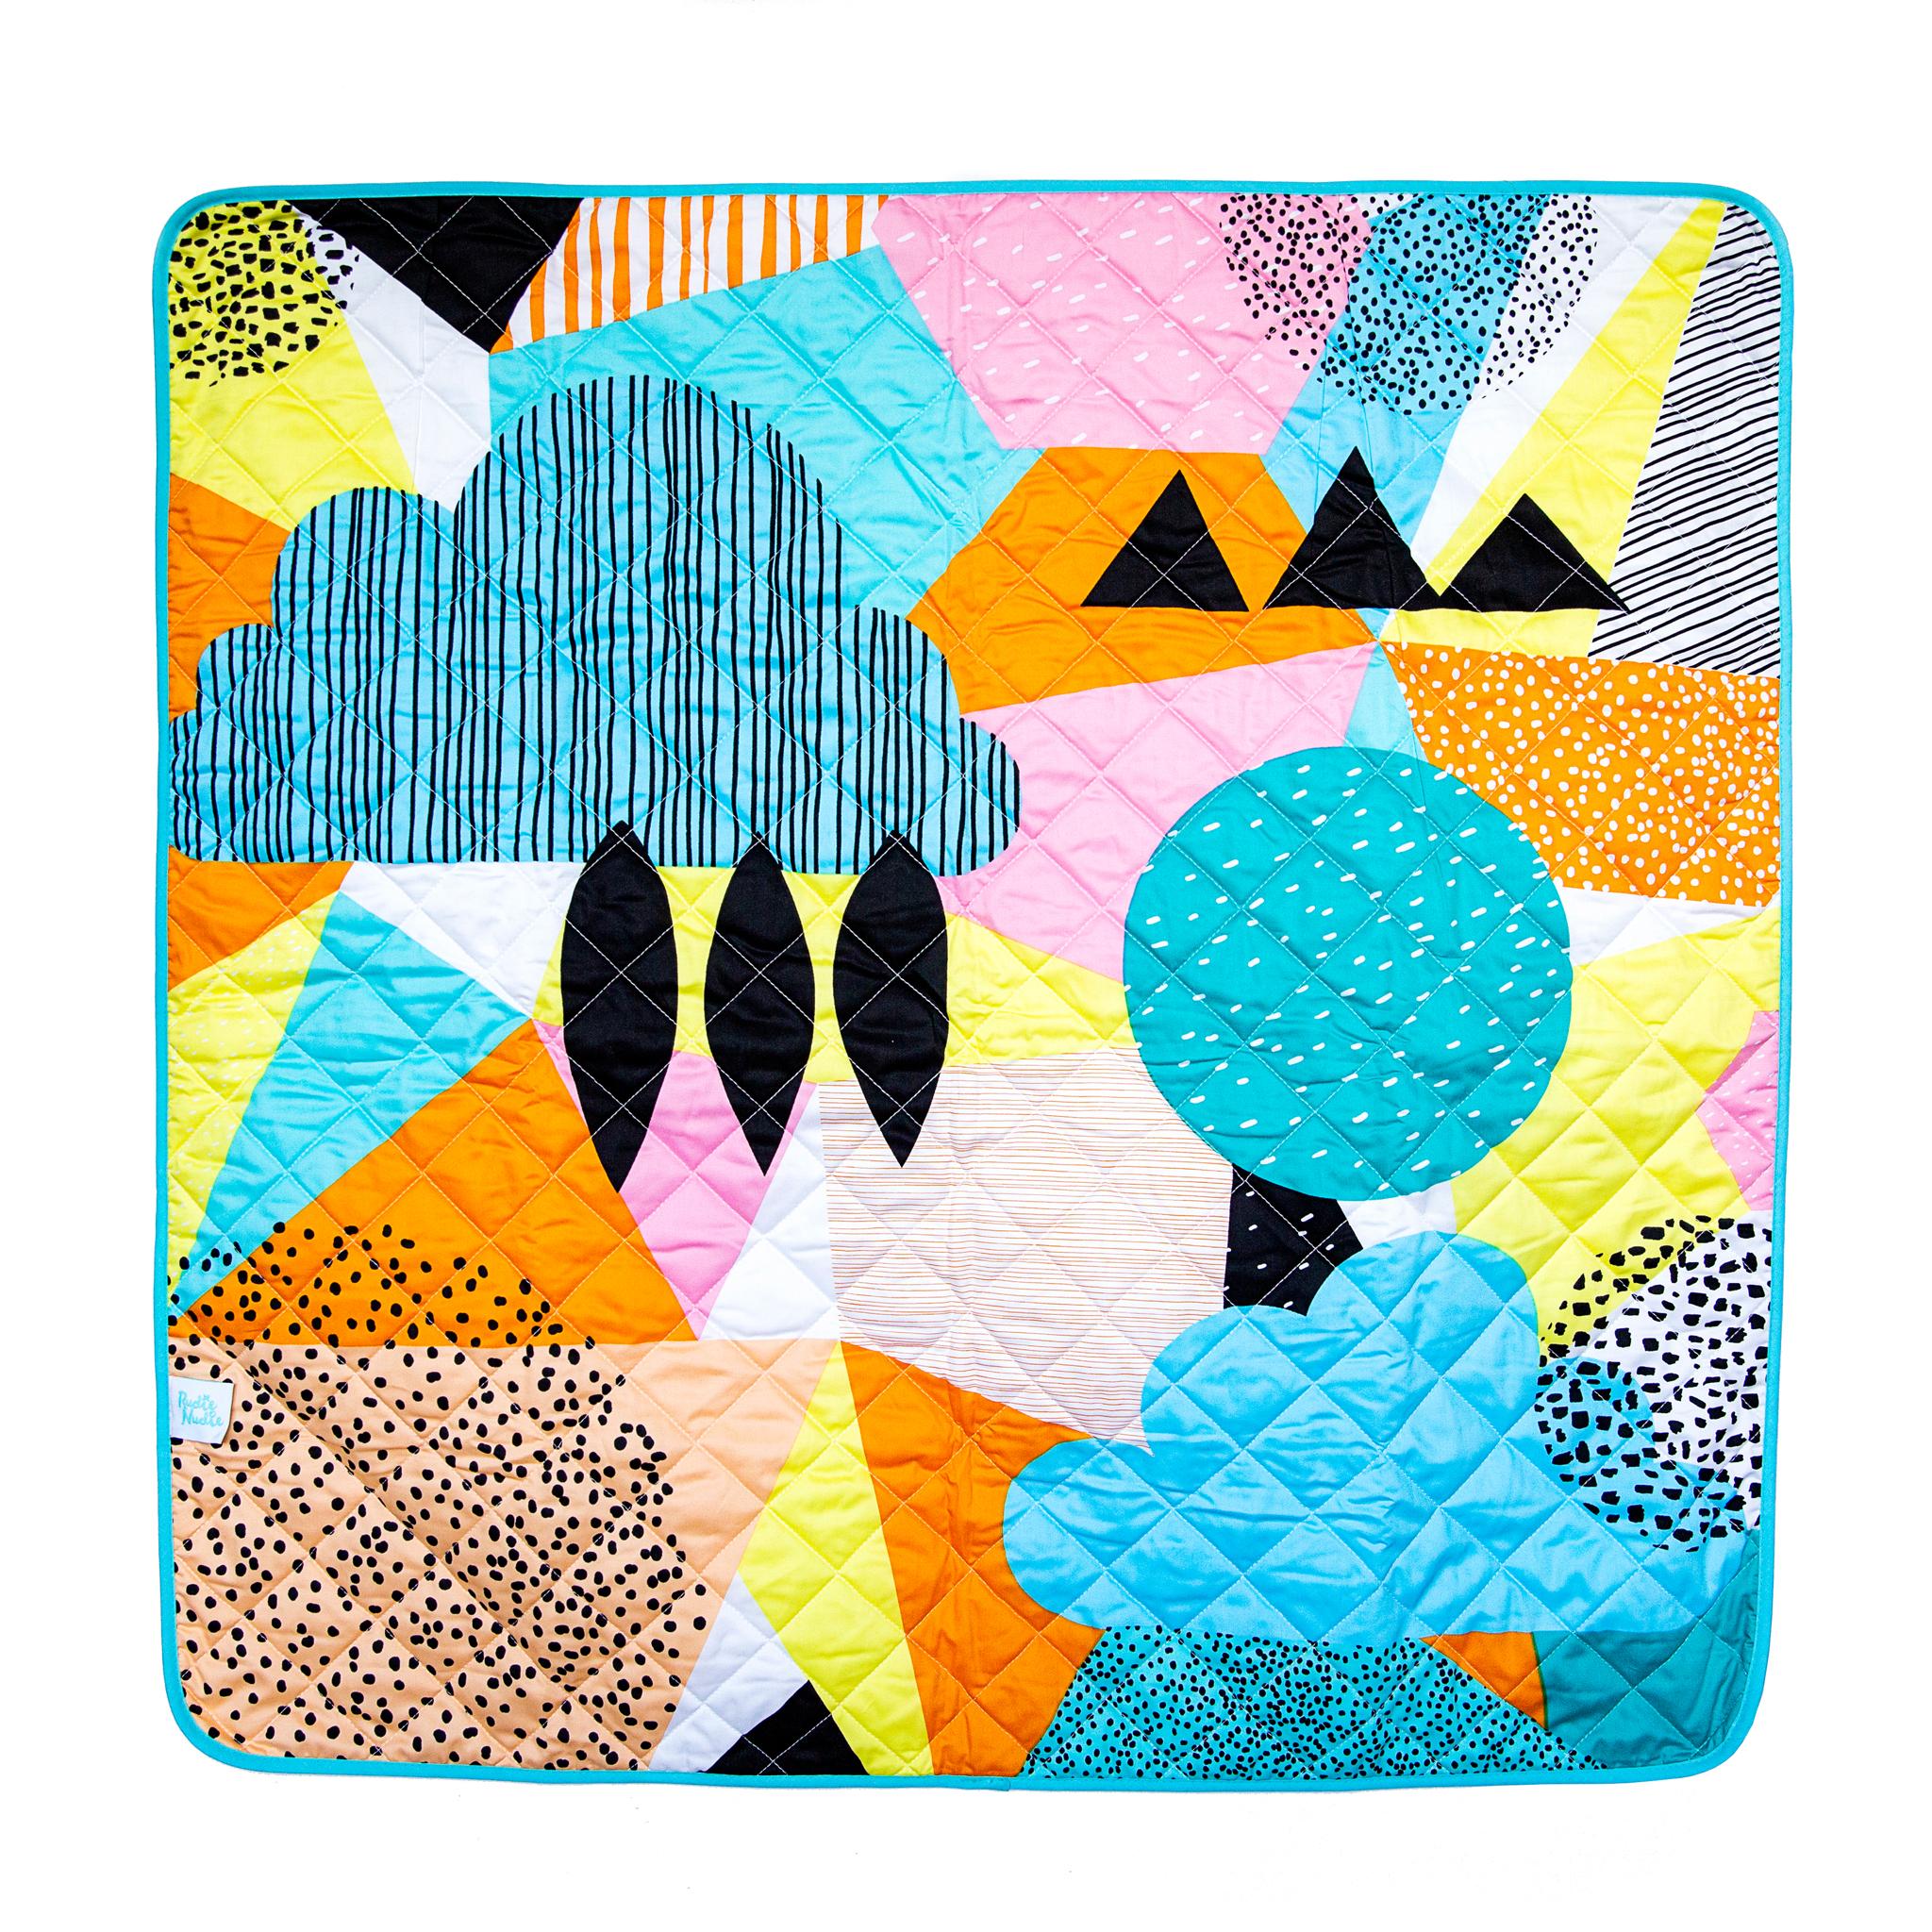 Rudie Nudie Playmat - Happy Now (Large)